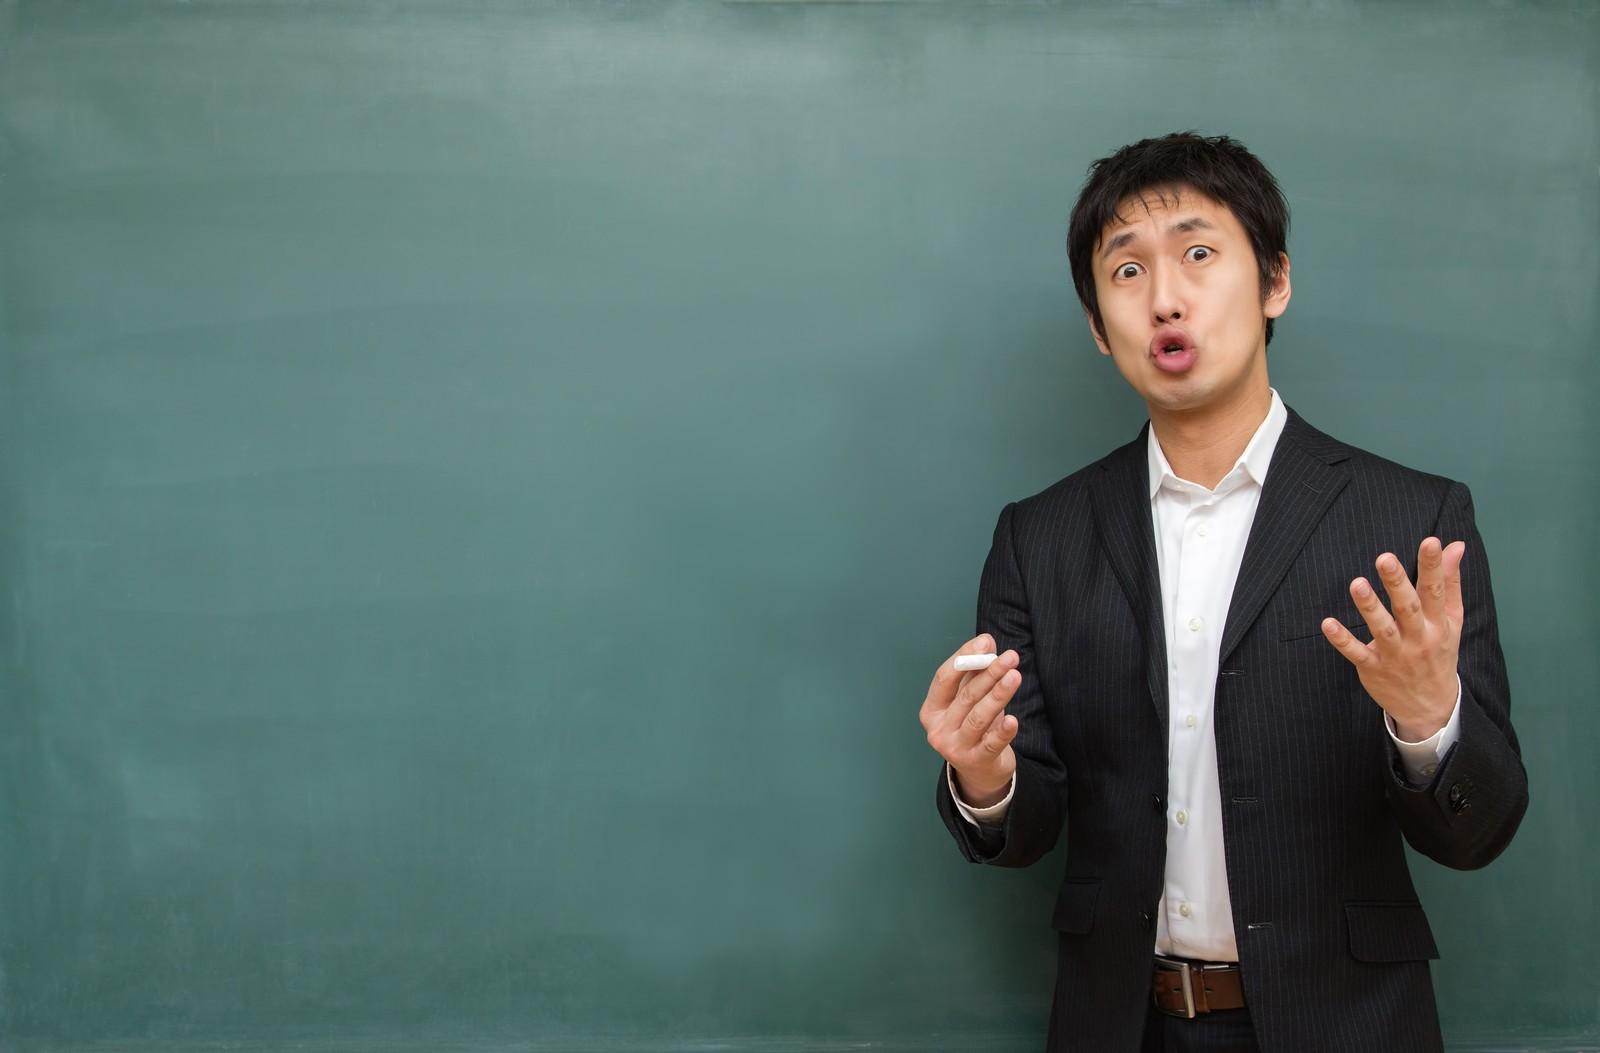 長野市・松本市開催ウェブサイト関連ビジネスセミナー